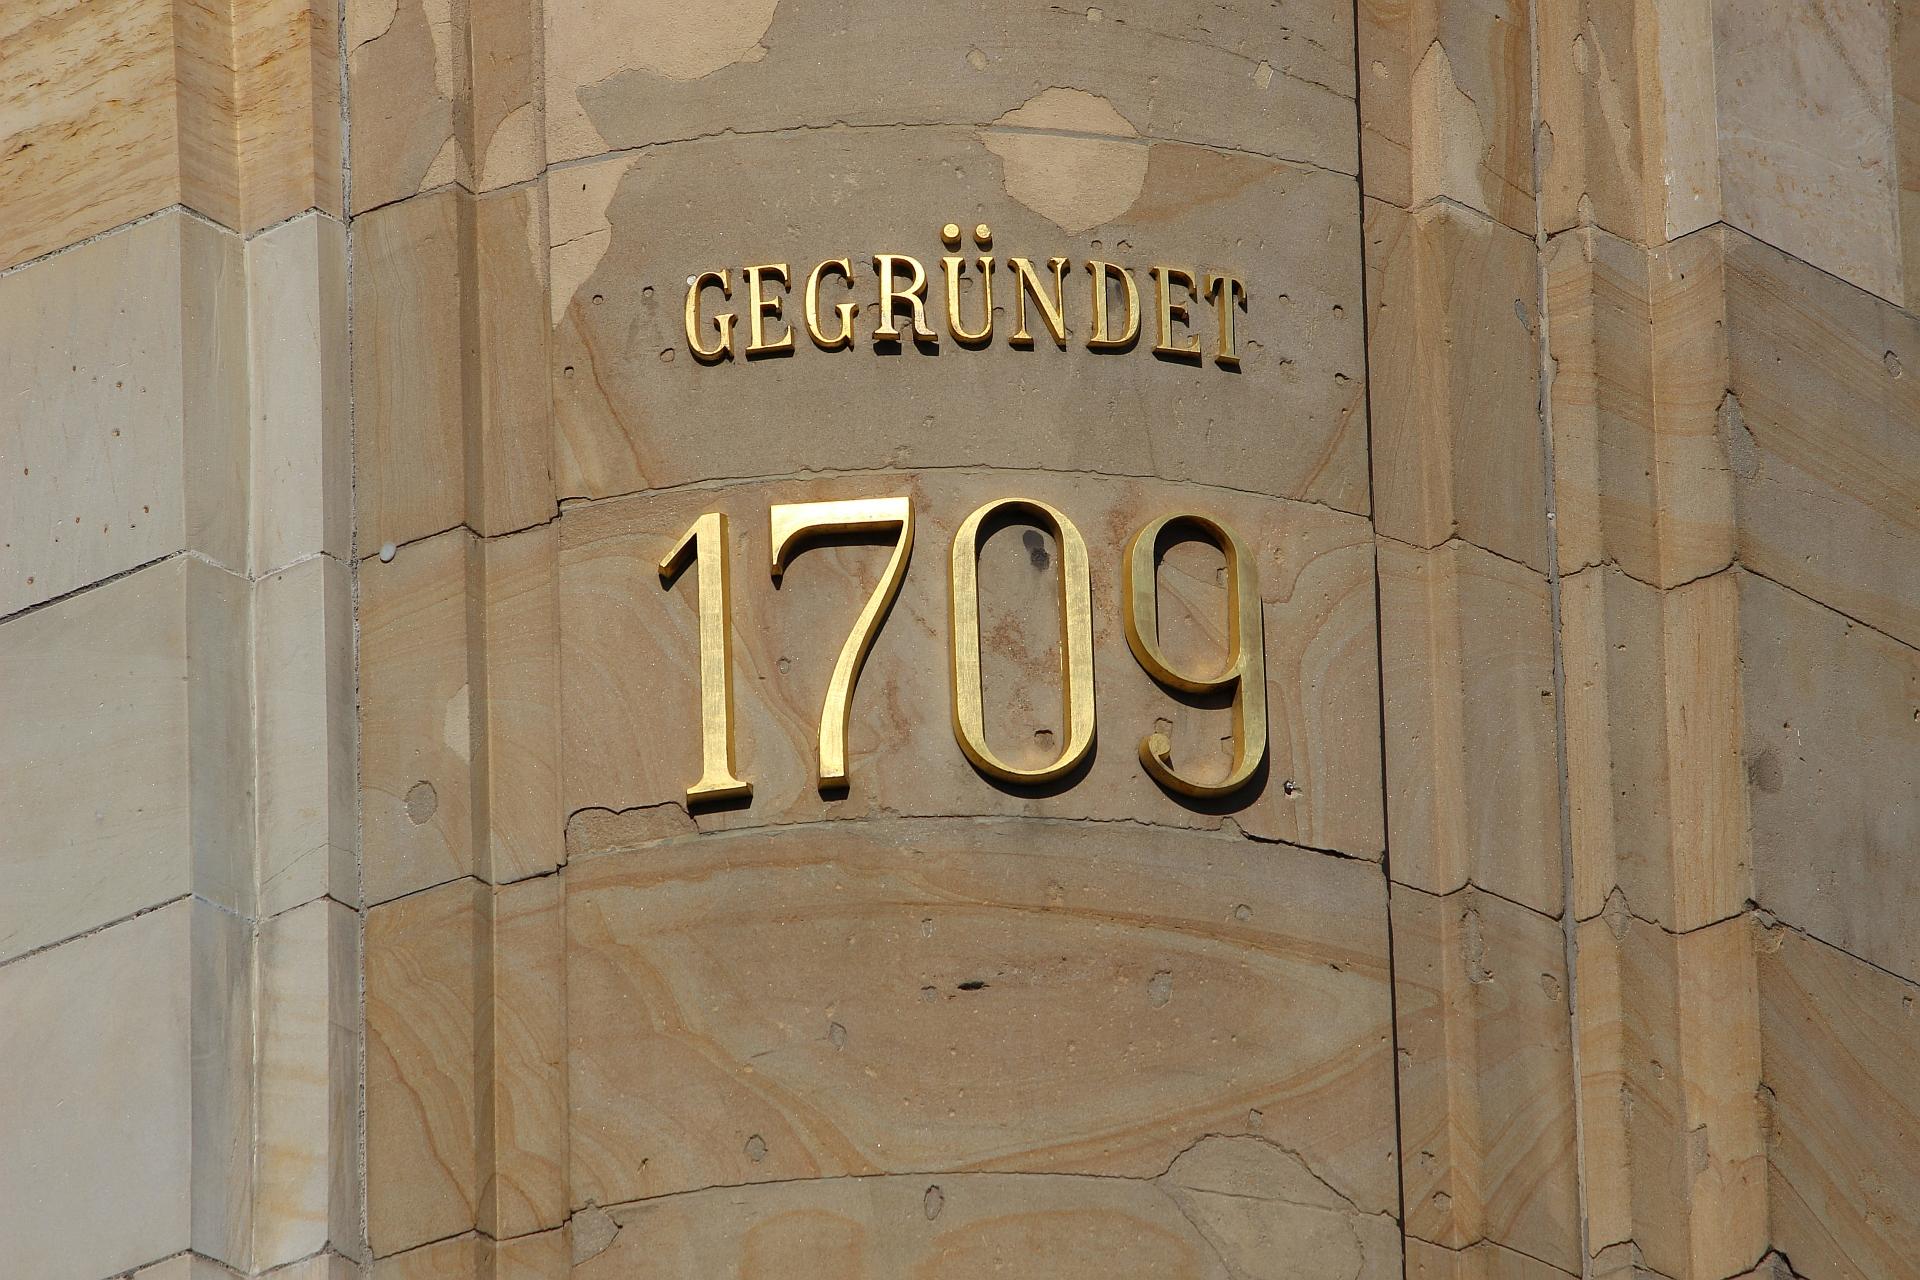 Gegründet 1709